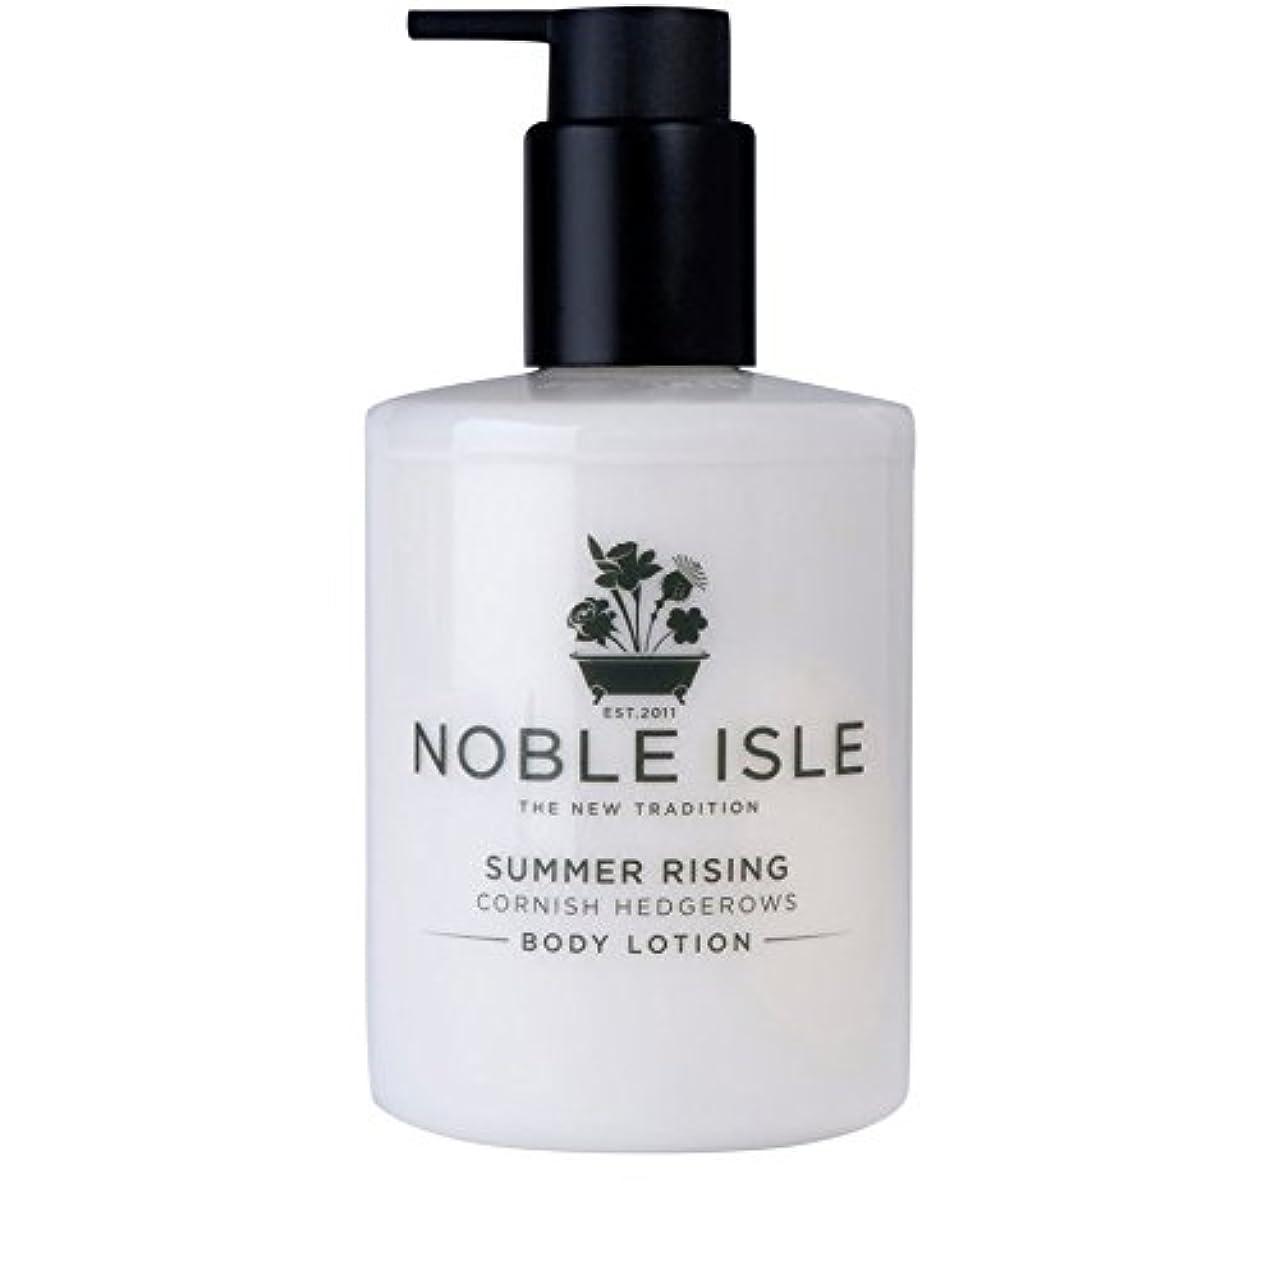 コーニッシュ生け垣ボディローション250ミリリットルを上昇高貴な島の夏 x2 - Noble Isle Summer Rising Cornish Hedgerows Body Lotion 250ml (Pack of...